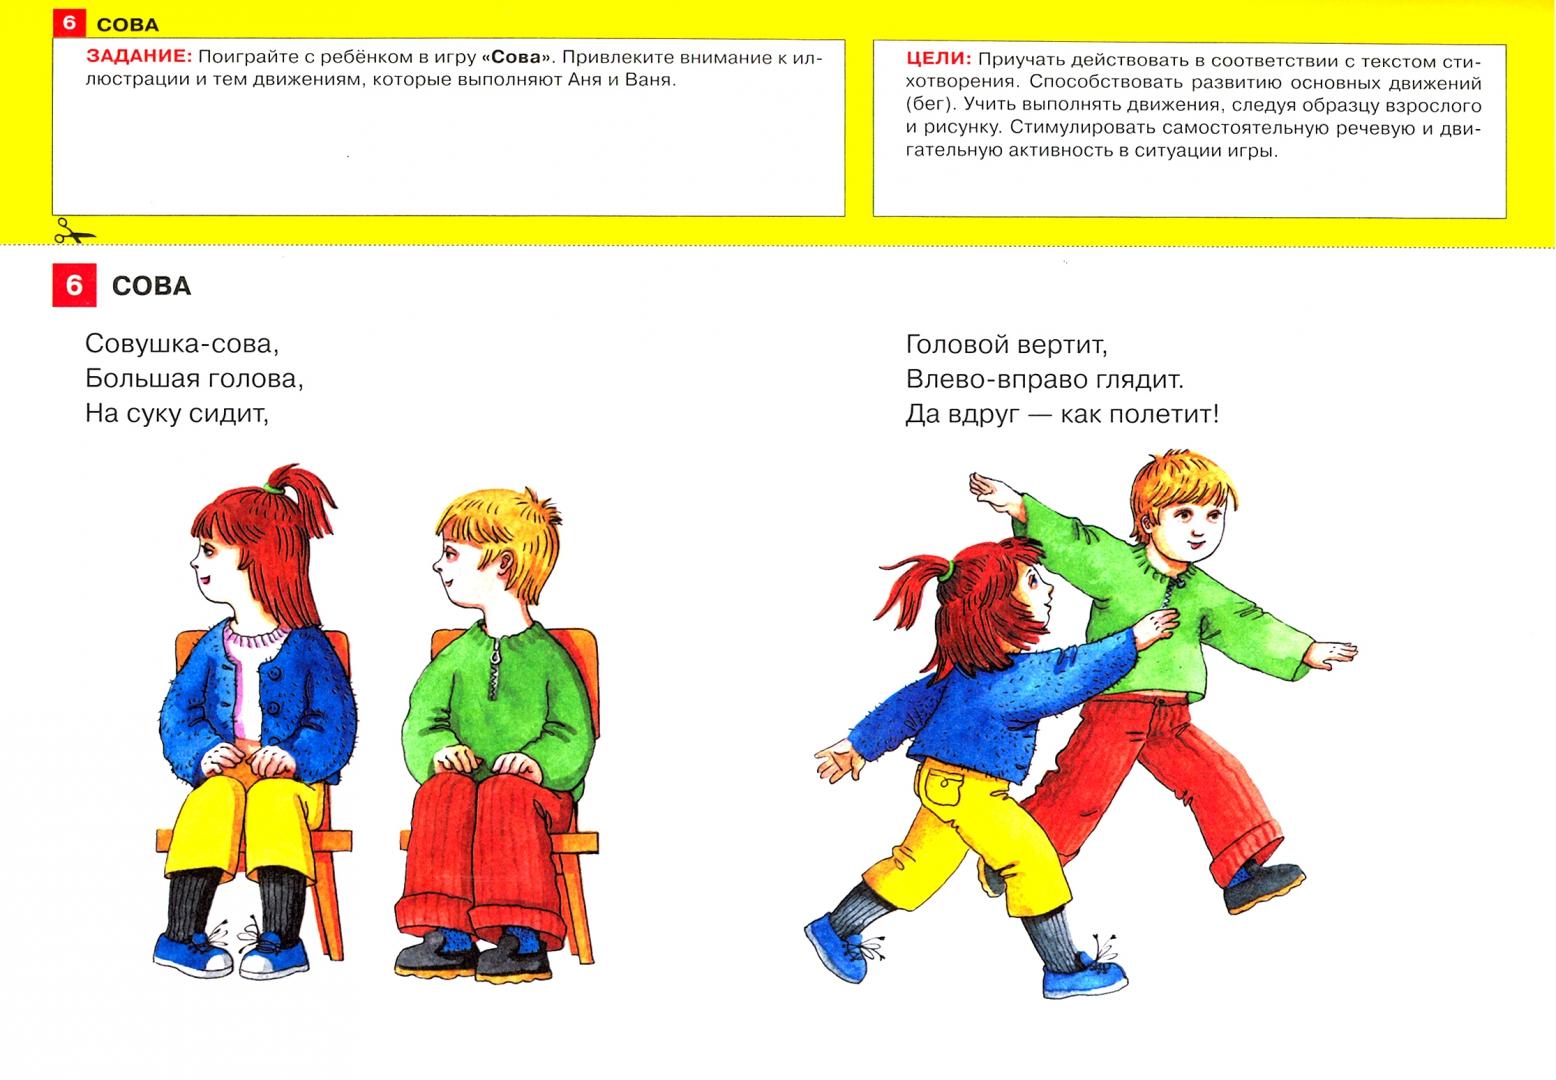 Иллюстрация 1 из 11 для От звукоподражаний к словам. Иллюстративный материал для развития речи у детей 2-3 лет. ФГОС ДО - Елена Колесникова | Лабиринт - книги. Источник: Лабиринт